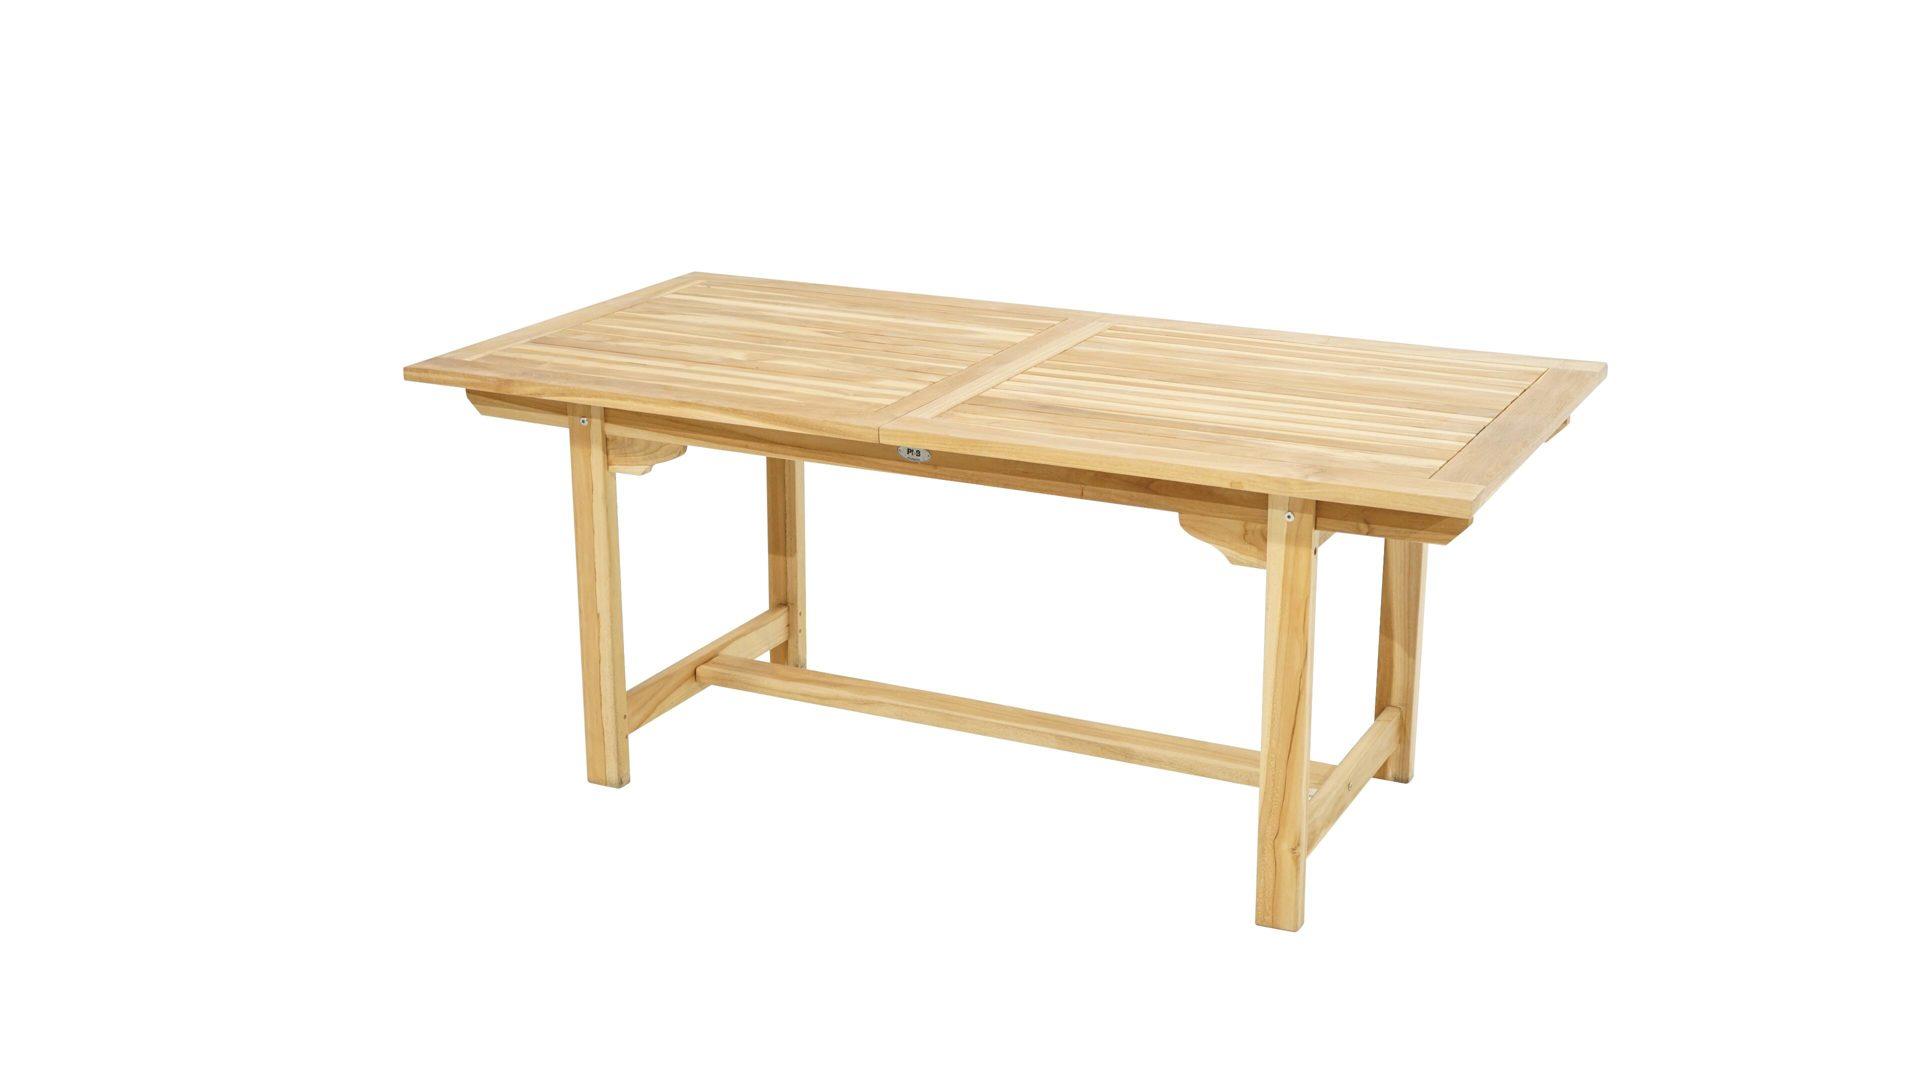 Gartentische Ploss Auszugtisch Gartentisch Esstisch Tablett